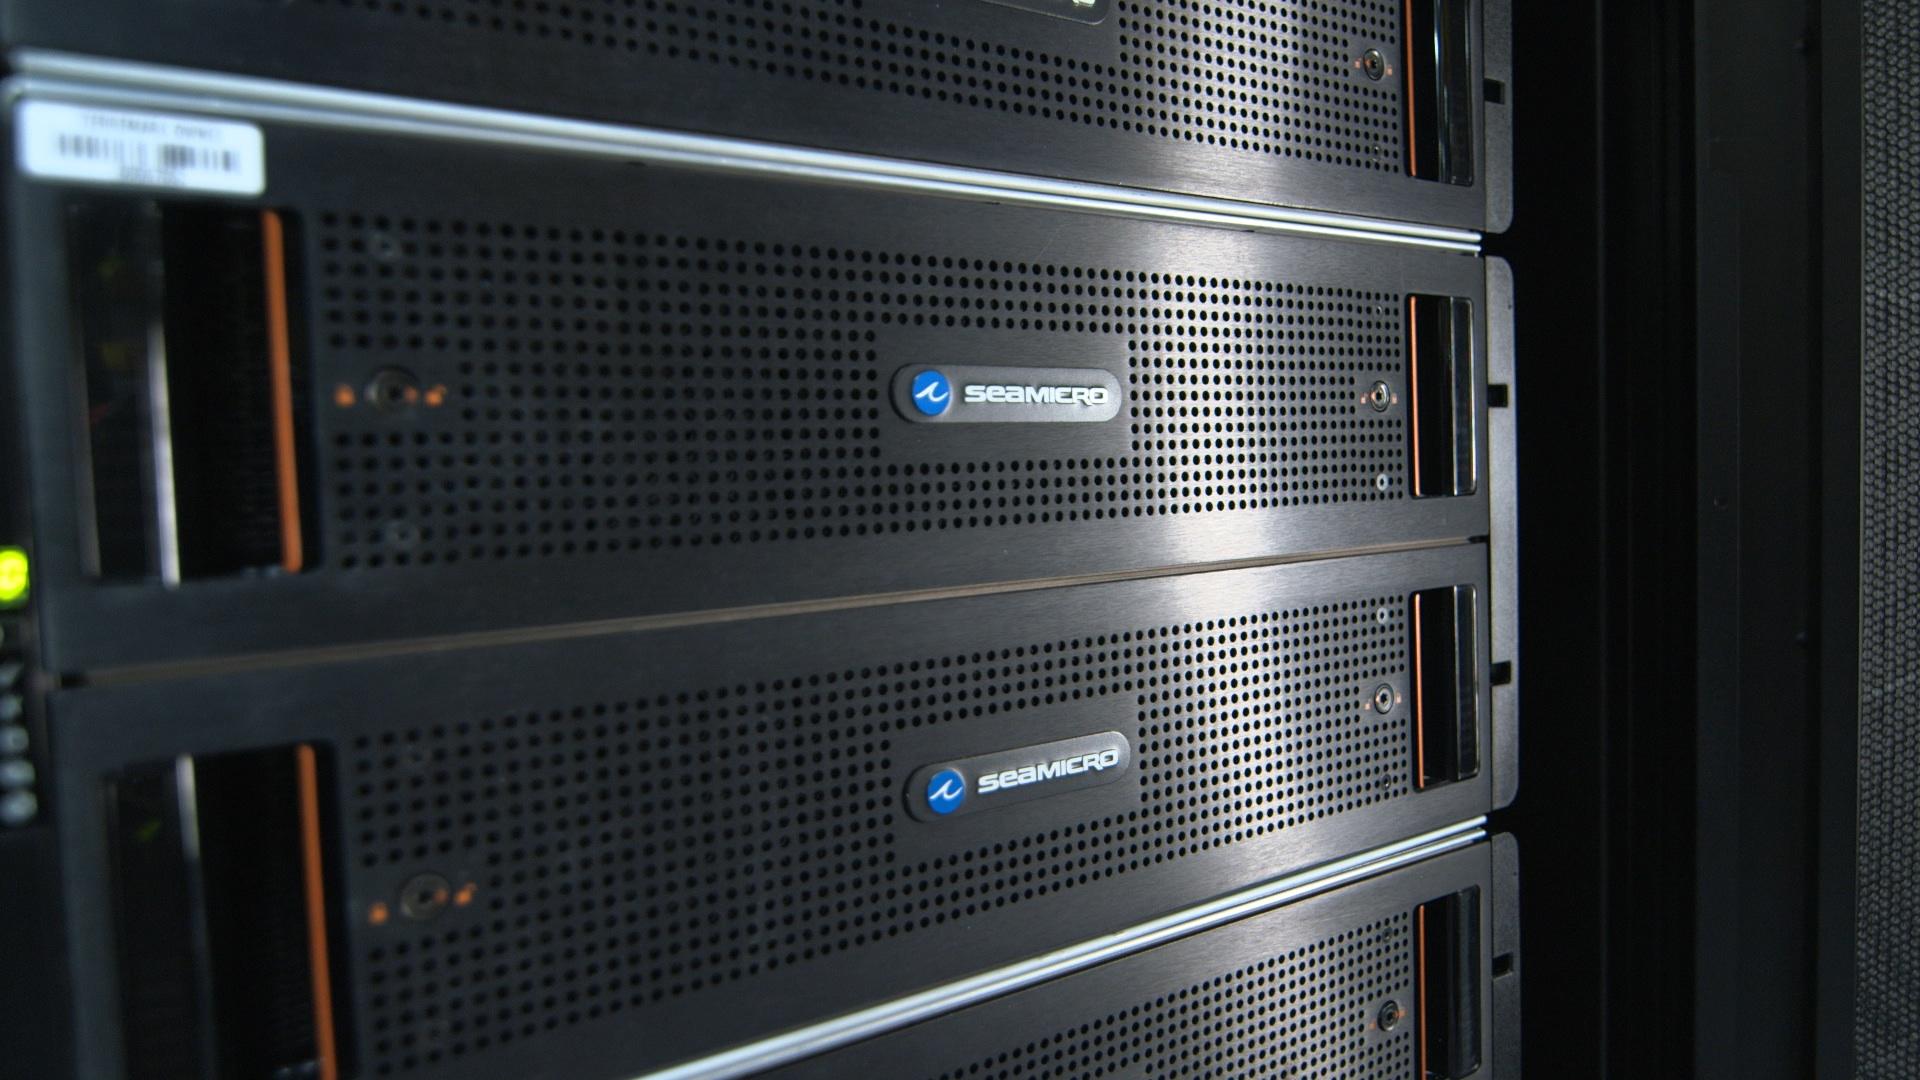 SeaMIcro servers